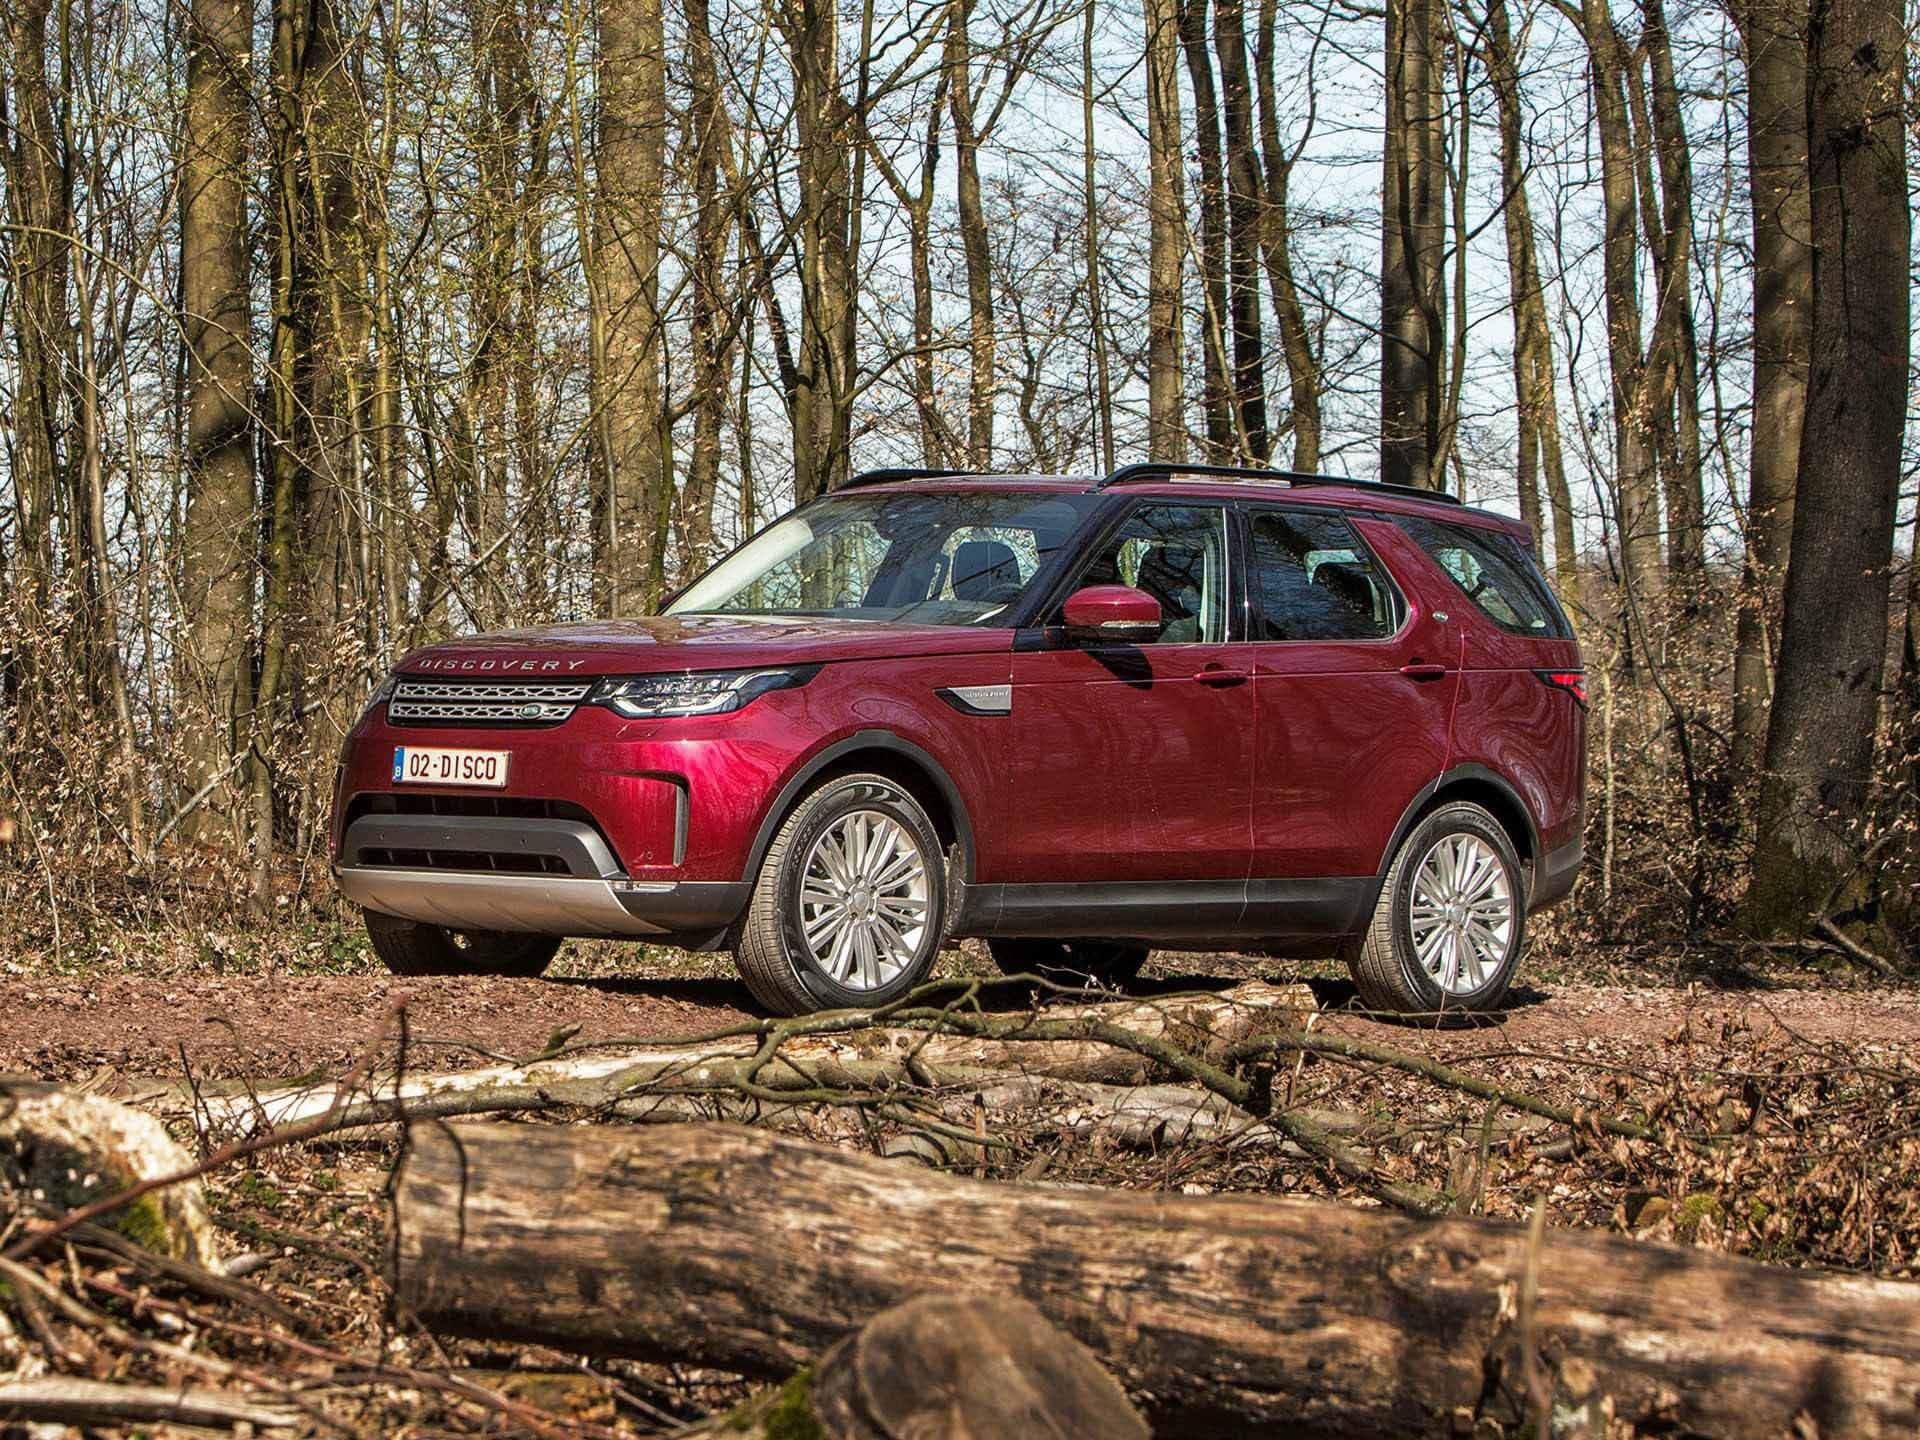 Новое кредитное предложение подготовлено Jaguar Land Rover и Русфинансбанком